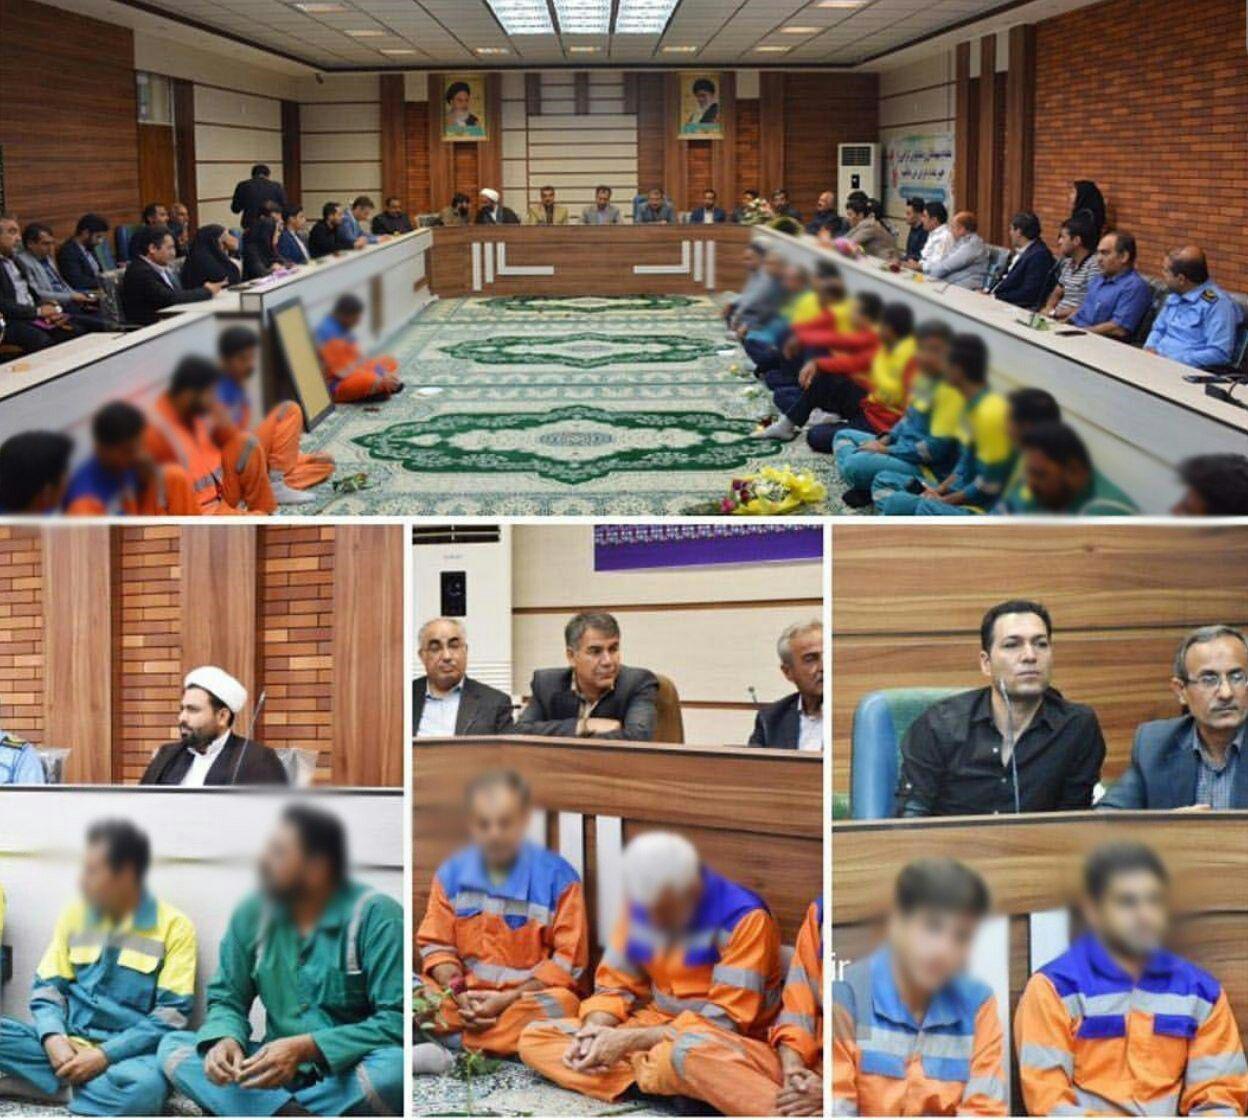 عکس| حرکت زننده و تحقیرآمیز شهرداری برازجان با